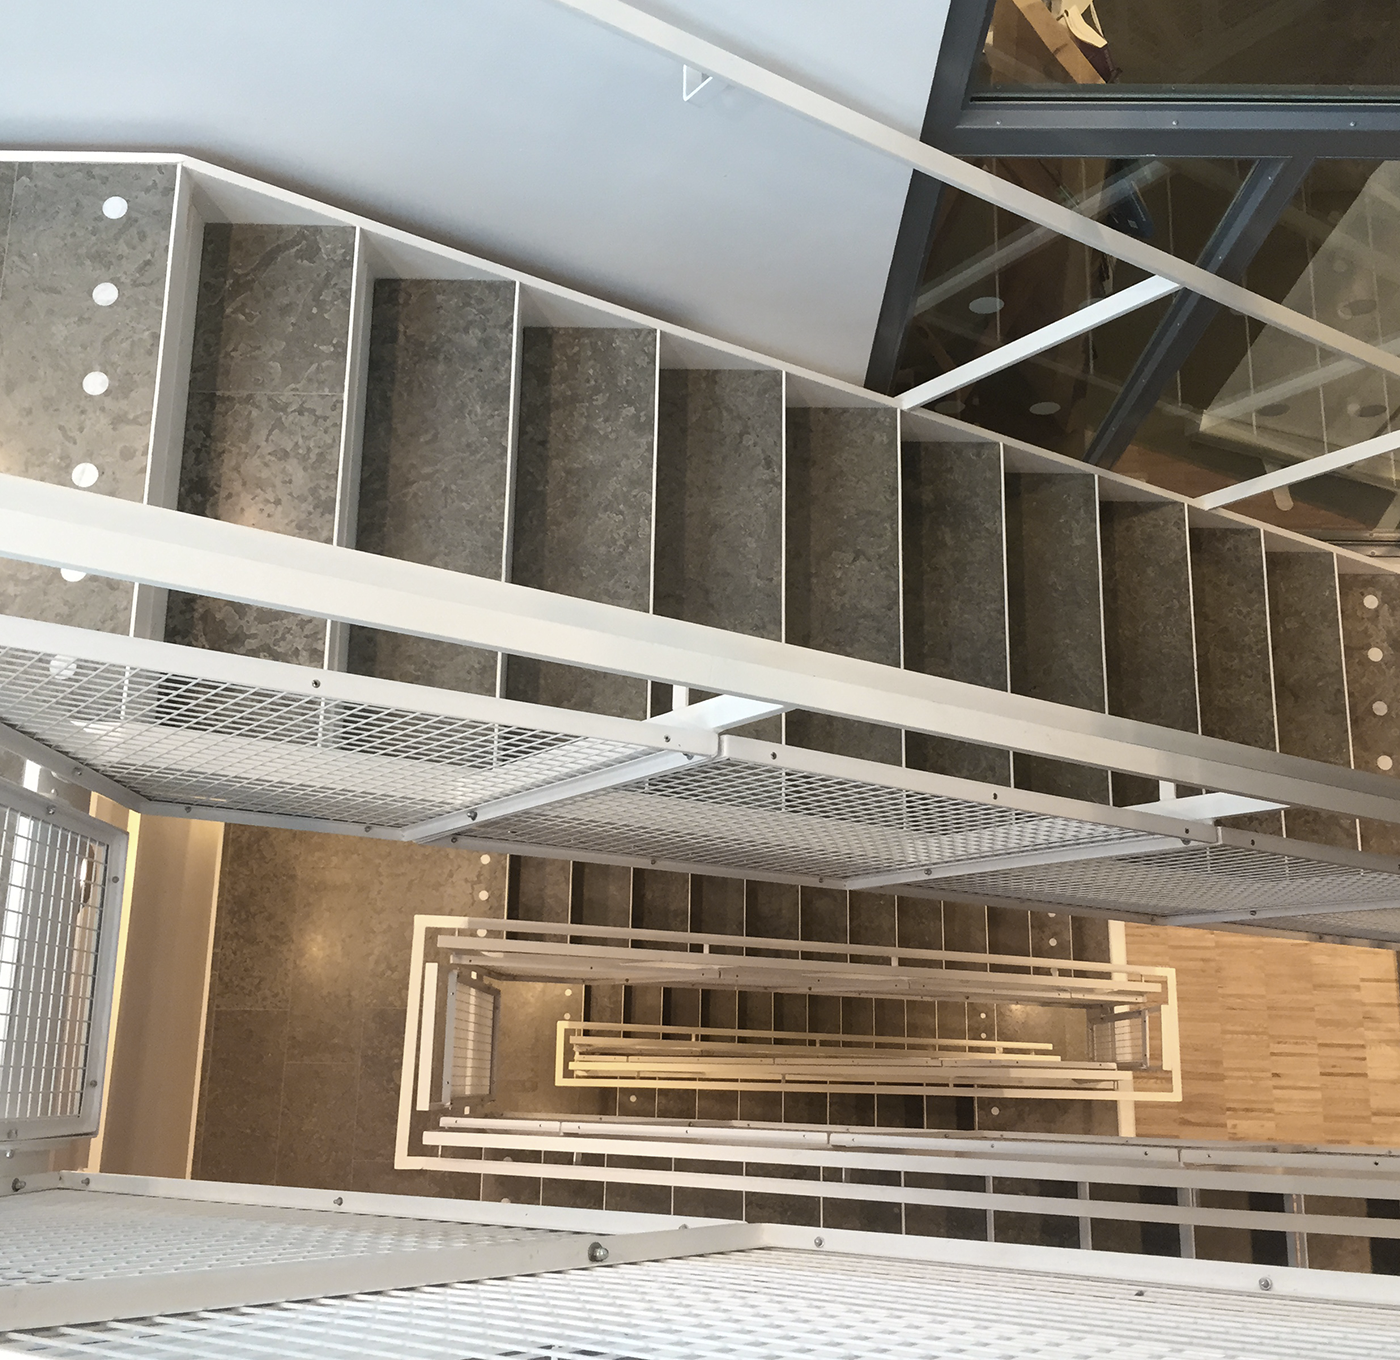 Rak trappa med krenelerat nät och kontrastmarkering